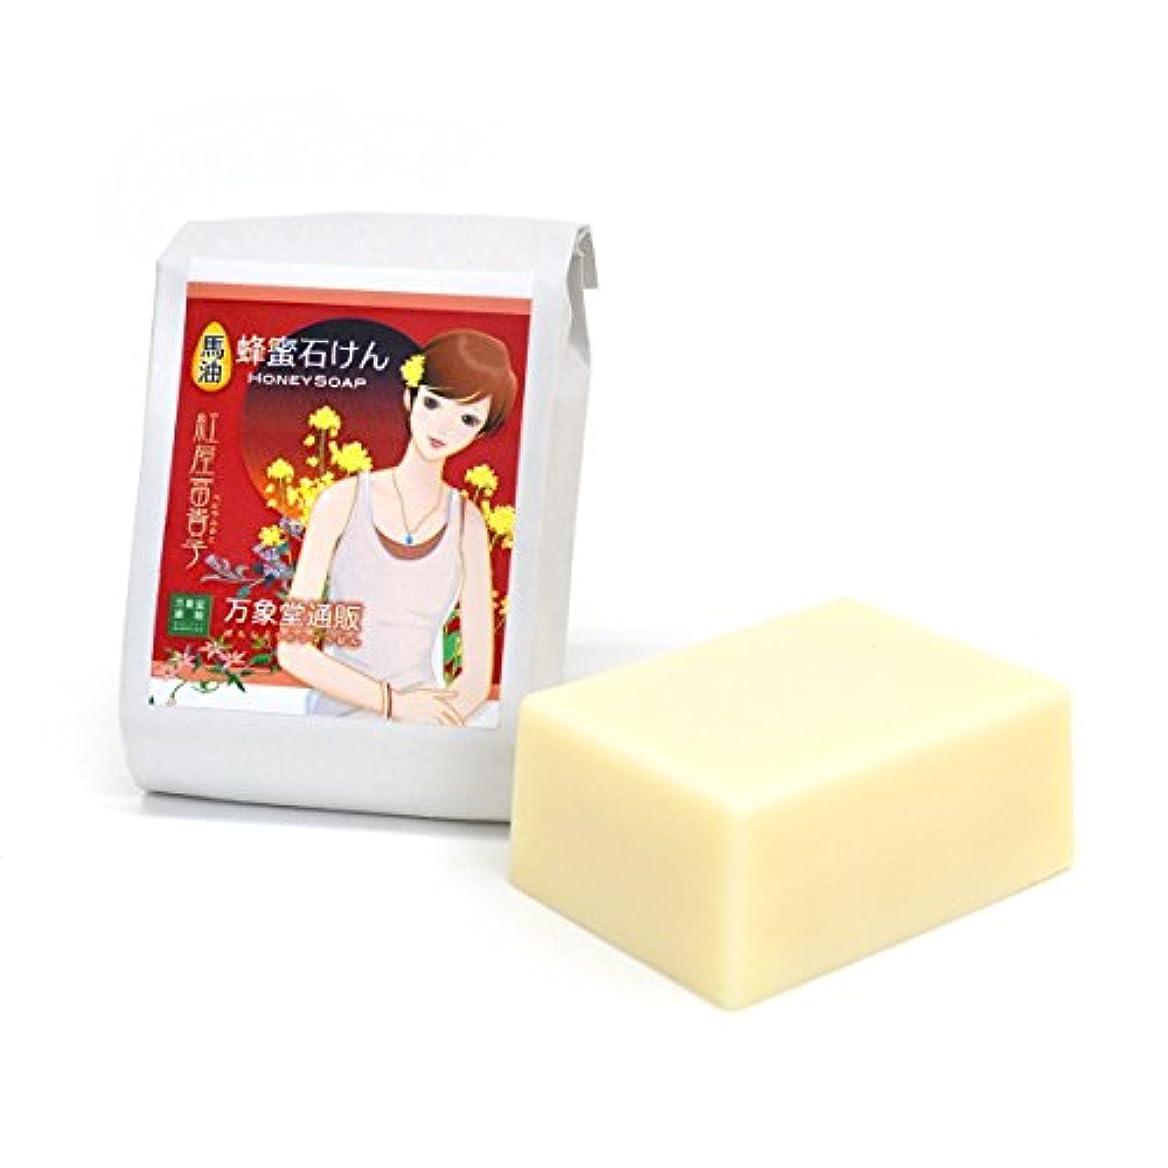 キッチン影響を受けやすいです構造的森羅万象堂 馬油石鹸 90g(国産)熊本県産 国産蜂蜜配合